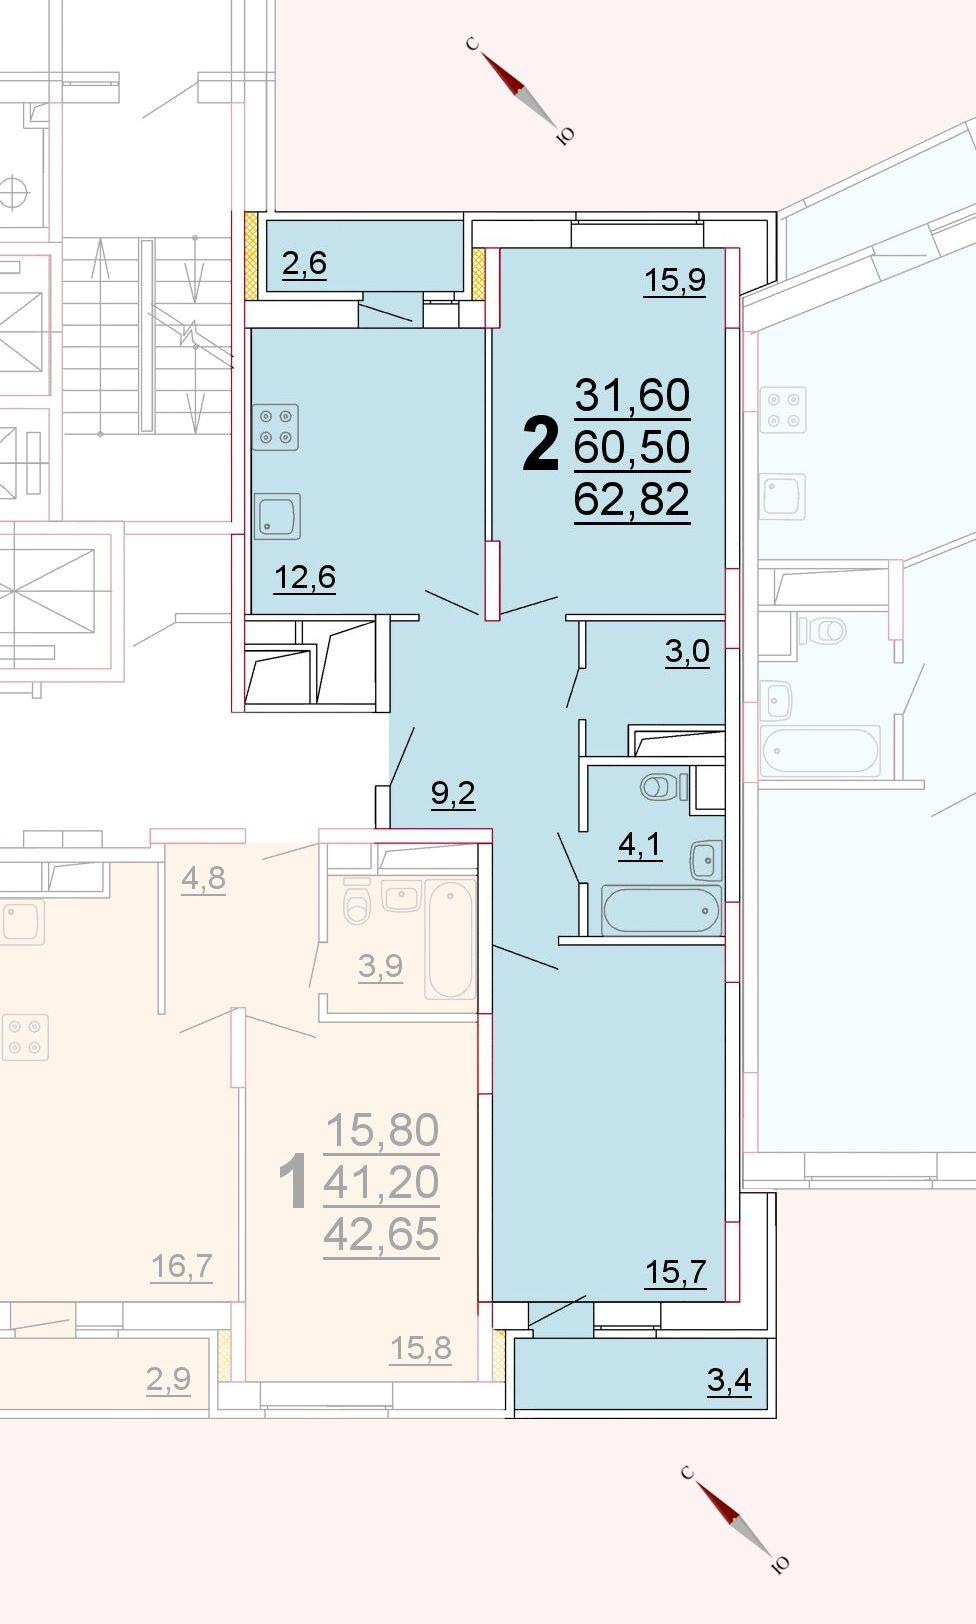 Микрорайон «Центральный», корпус 52г, секция 2, квартира 62,82 м2